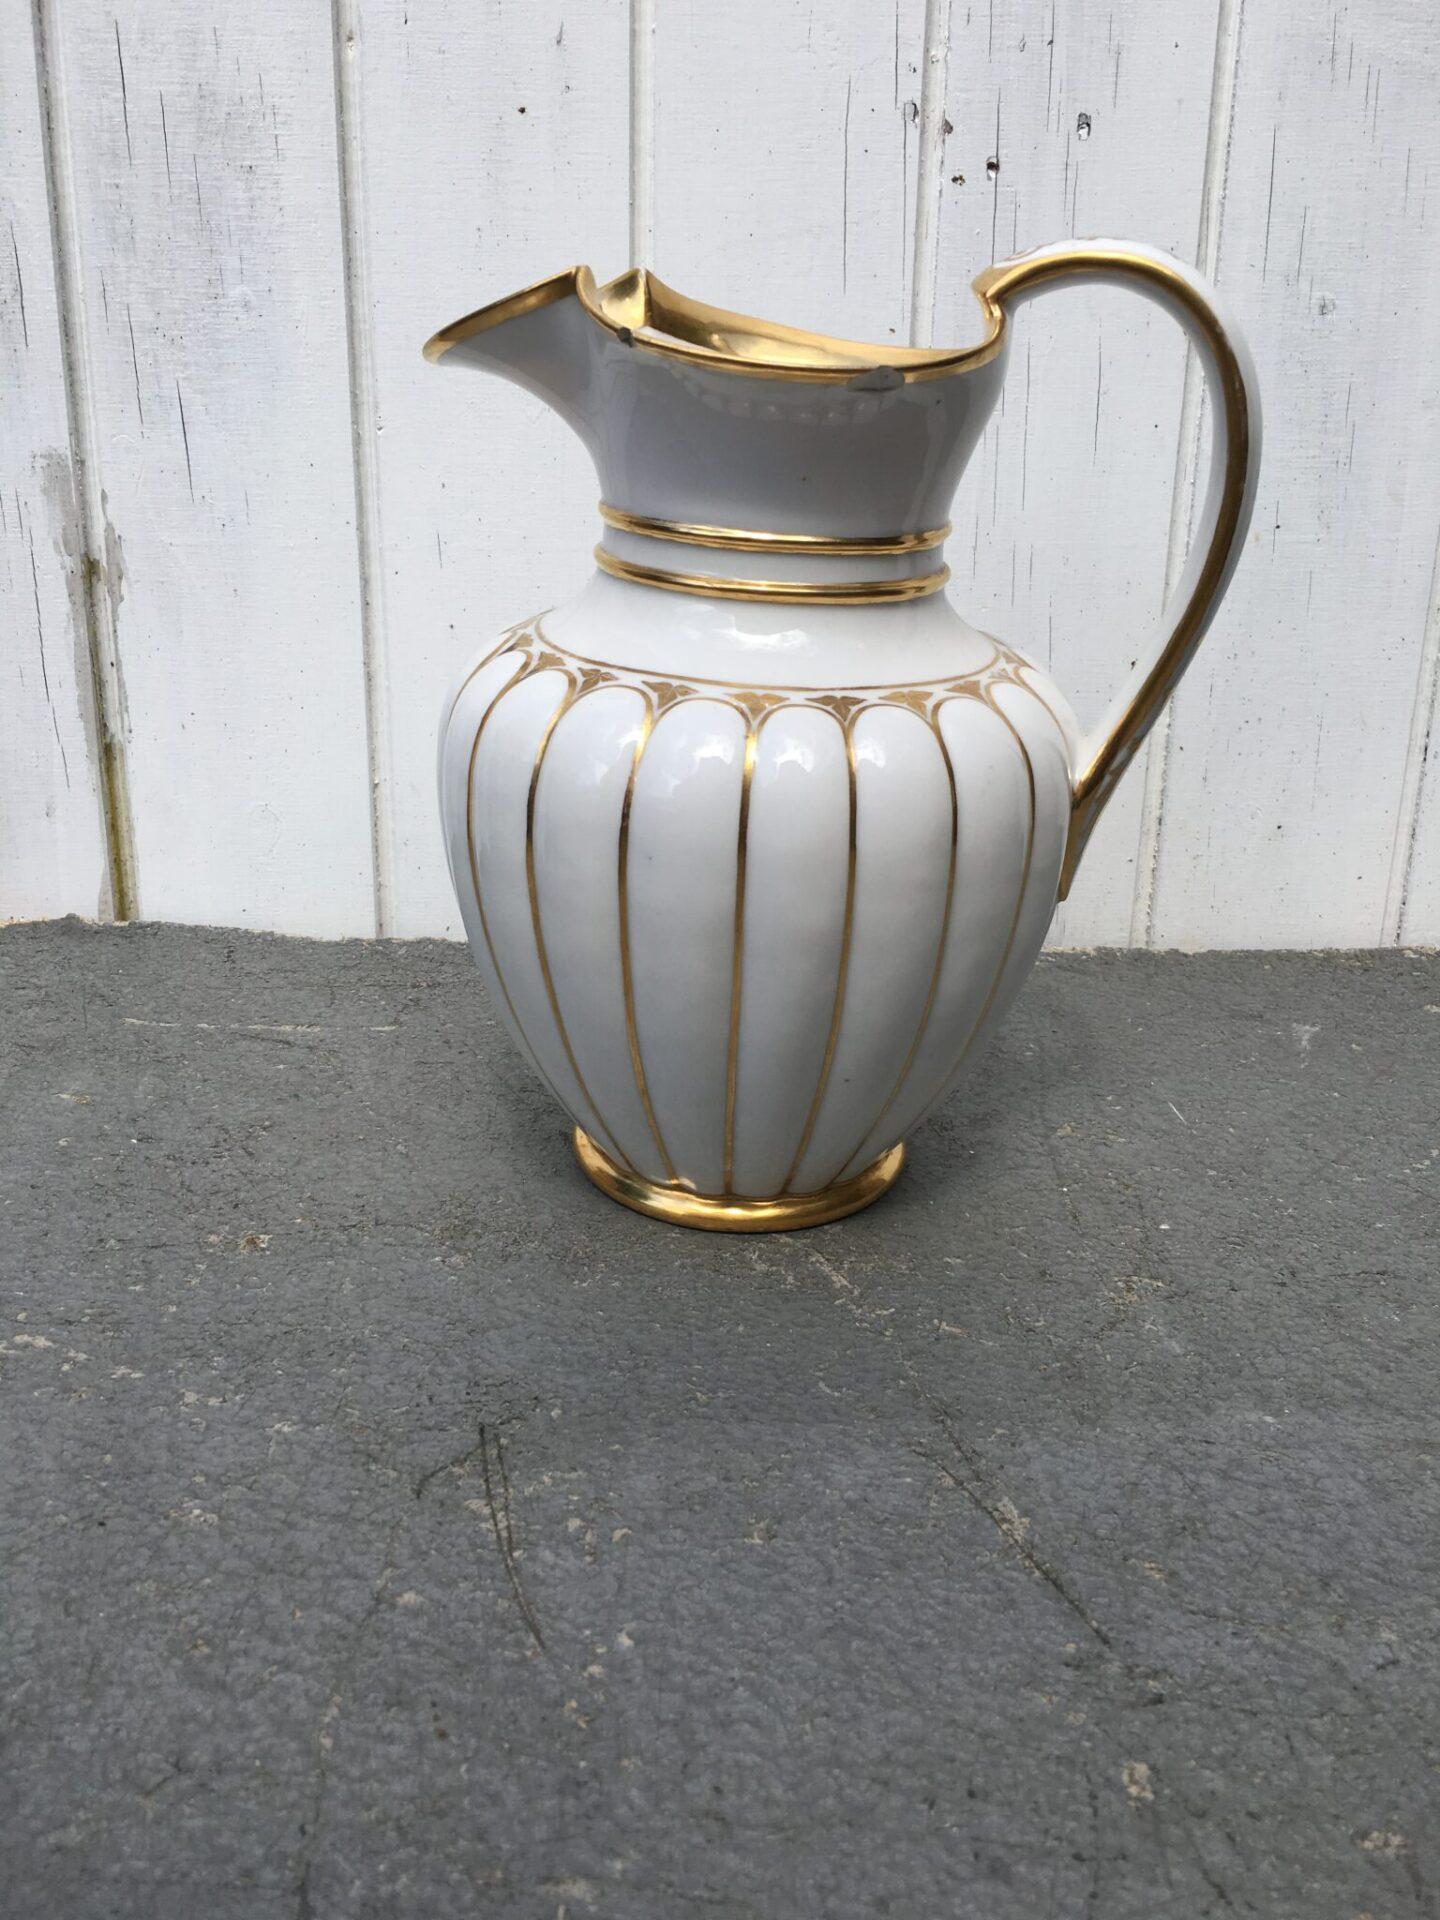 Kongelig porcelæn chokoladekande fra ca 1850 (lille kanthak). pris 400 kr)